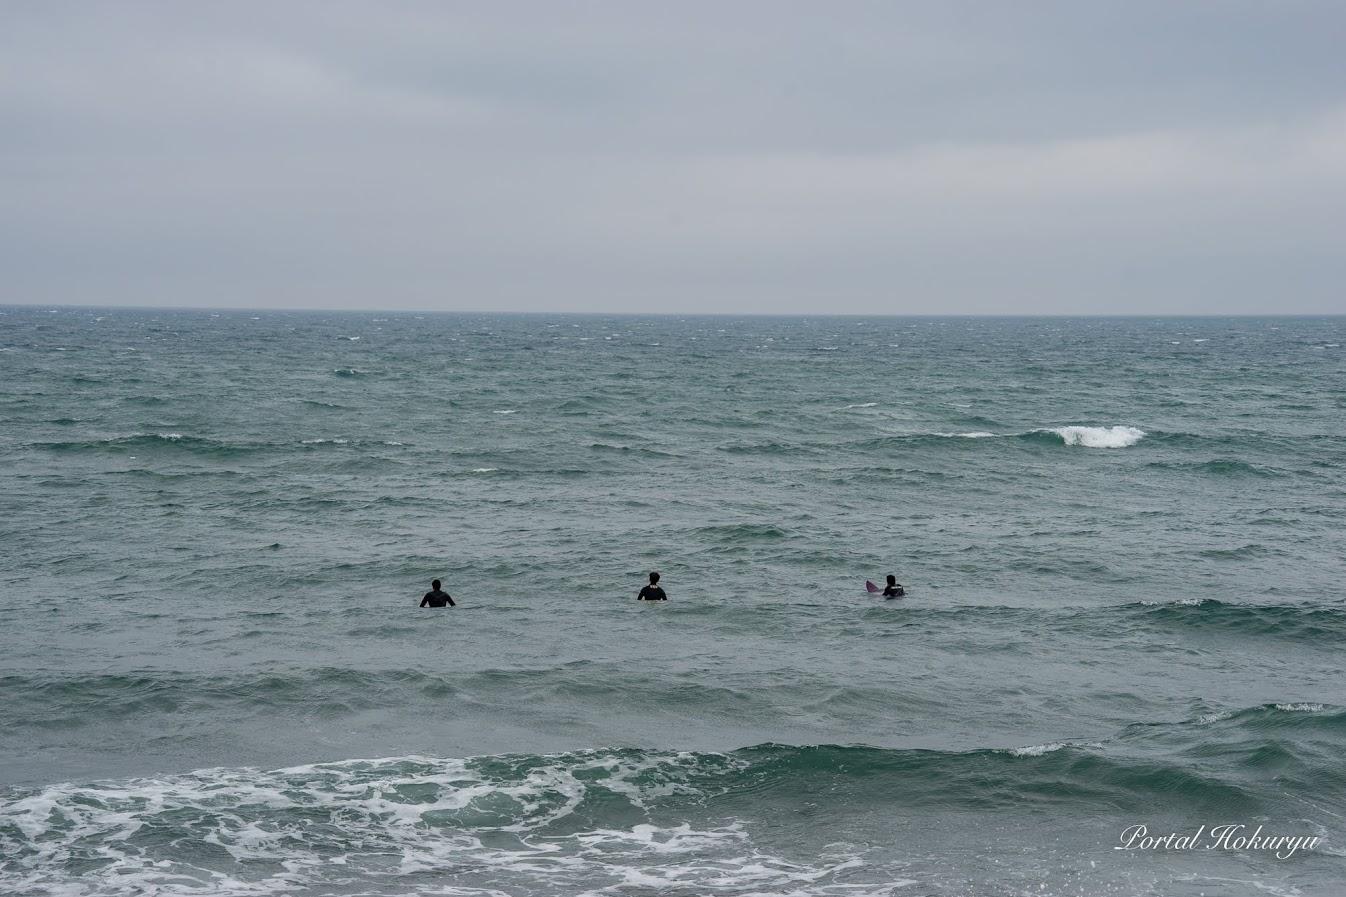 波を待つサーファー達